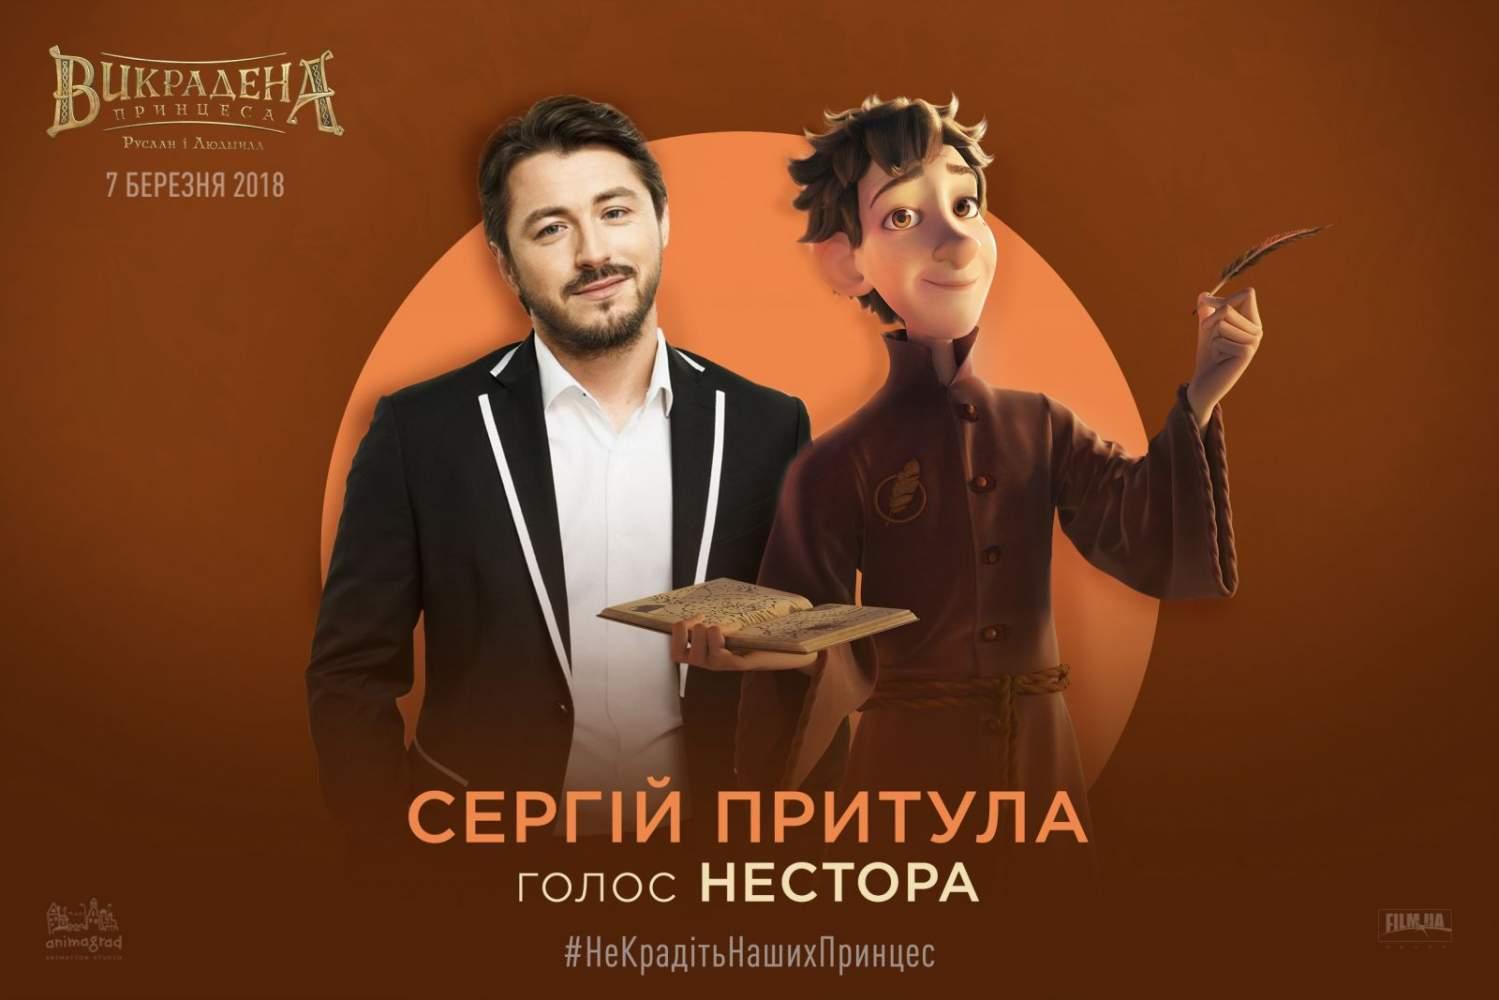 Дивимося прем'єру мультфільму «Викрадена принцеса: Руслан і Людмила» на «Новому каналі»